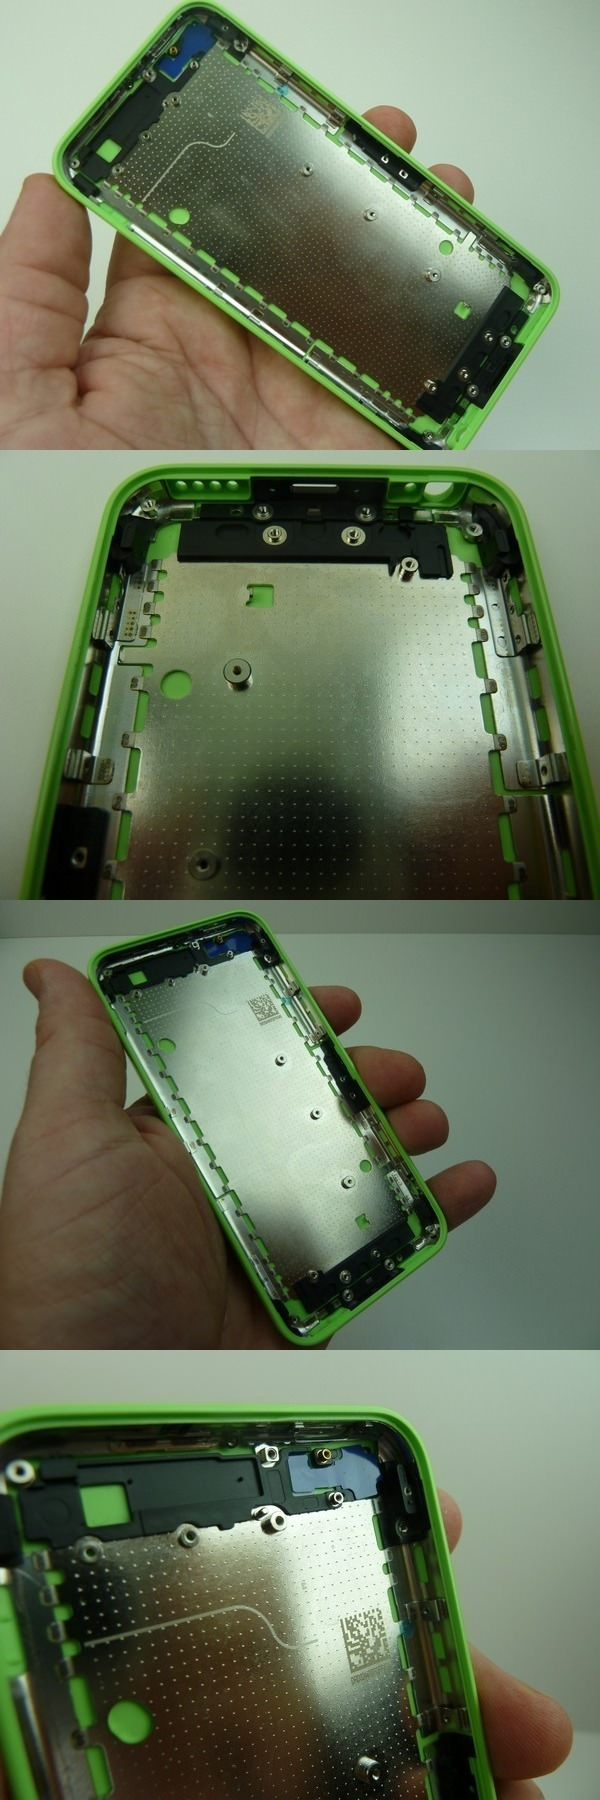 iPhone 5C зеленого цвета